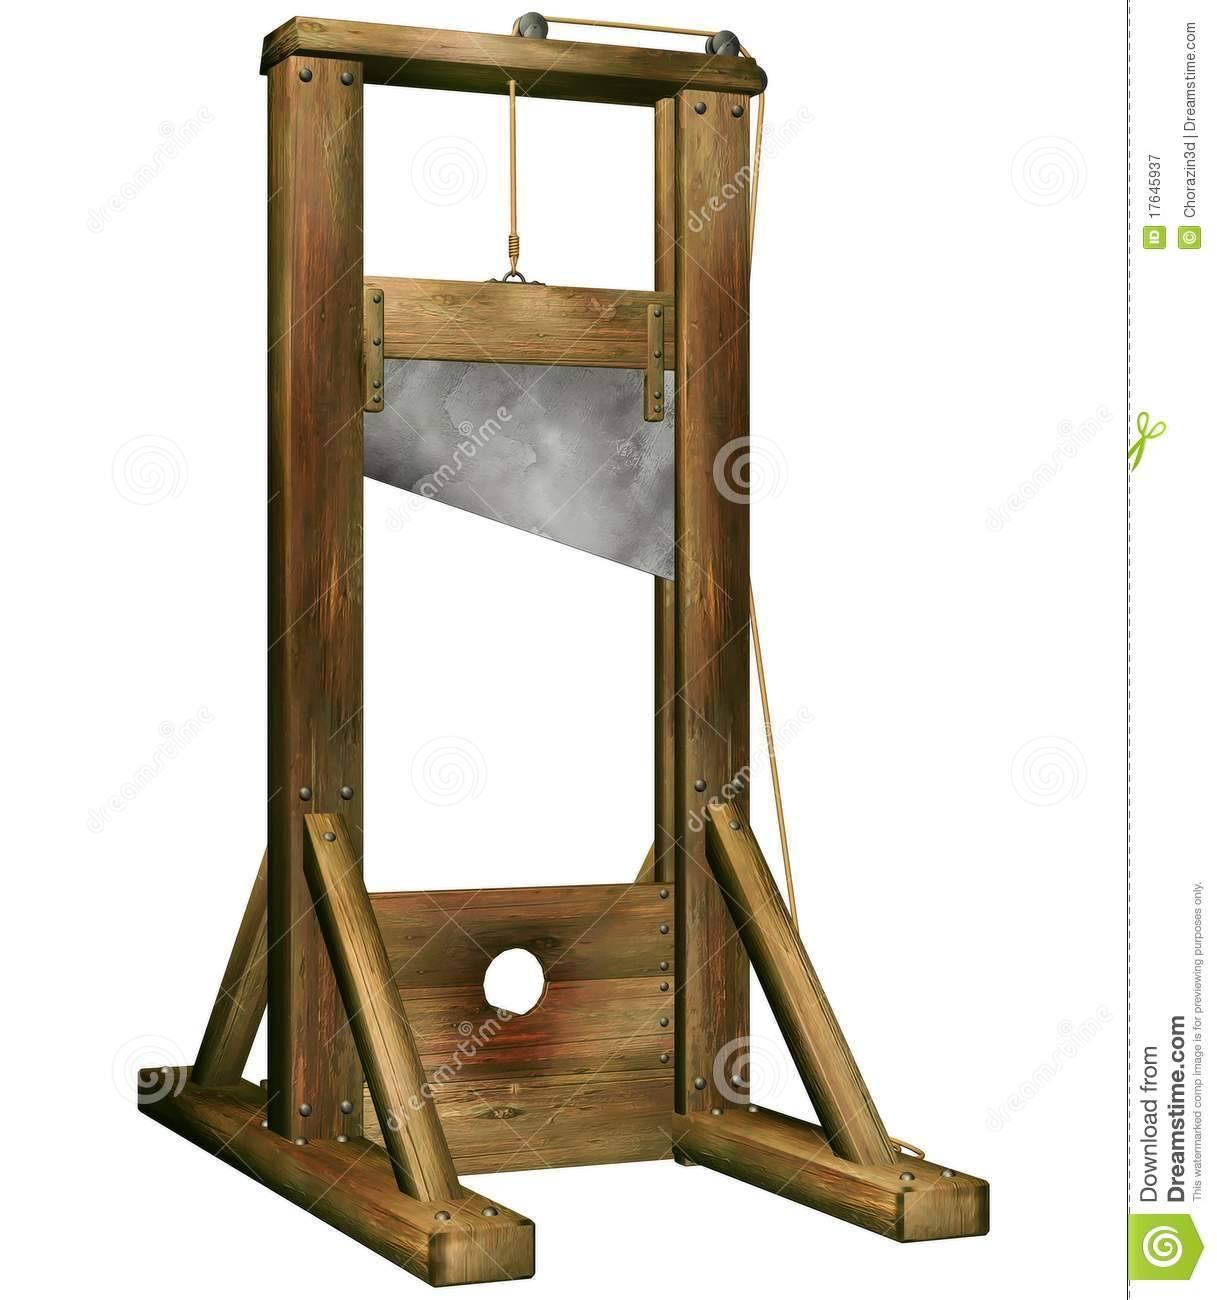 guillotina-de-la-fantasía-17645937.jpg